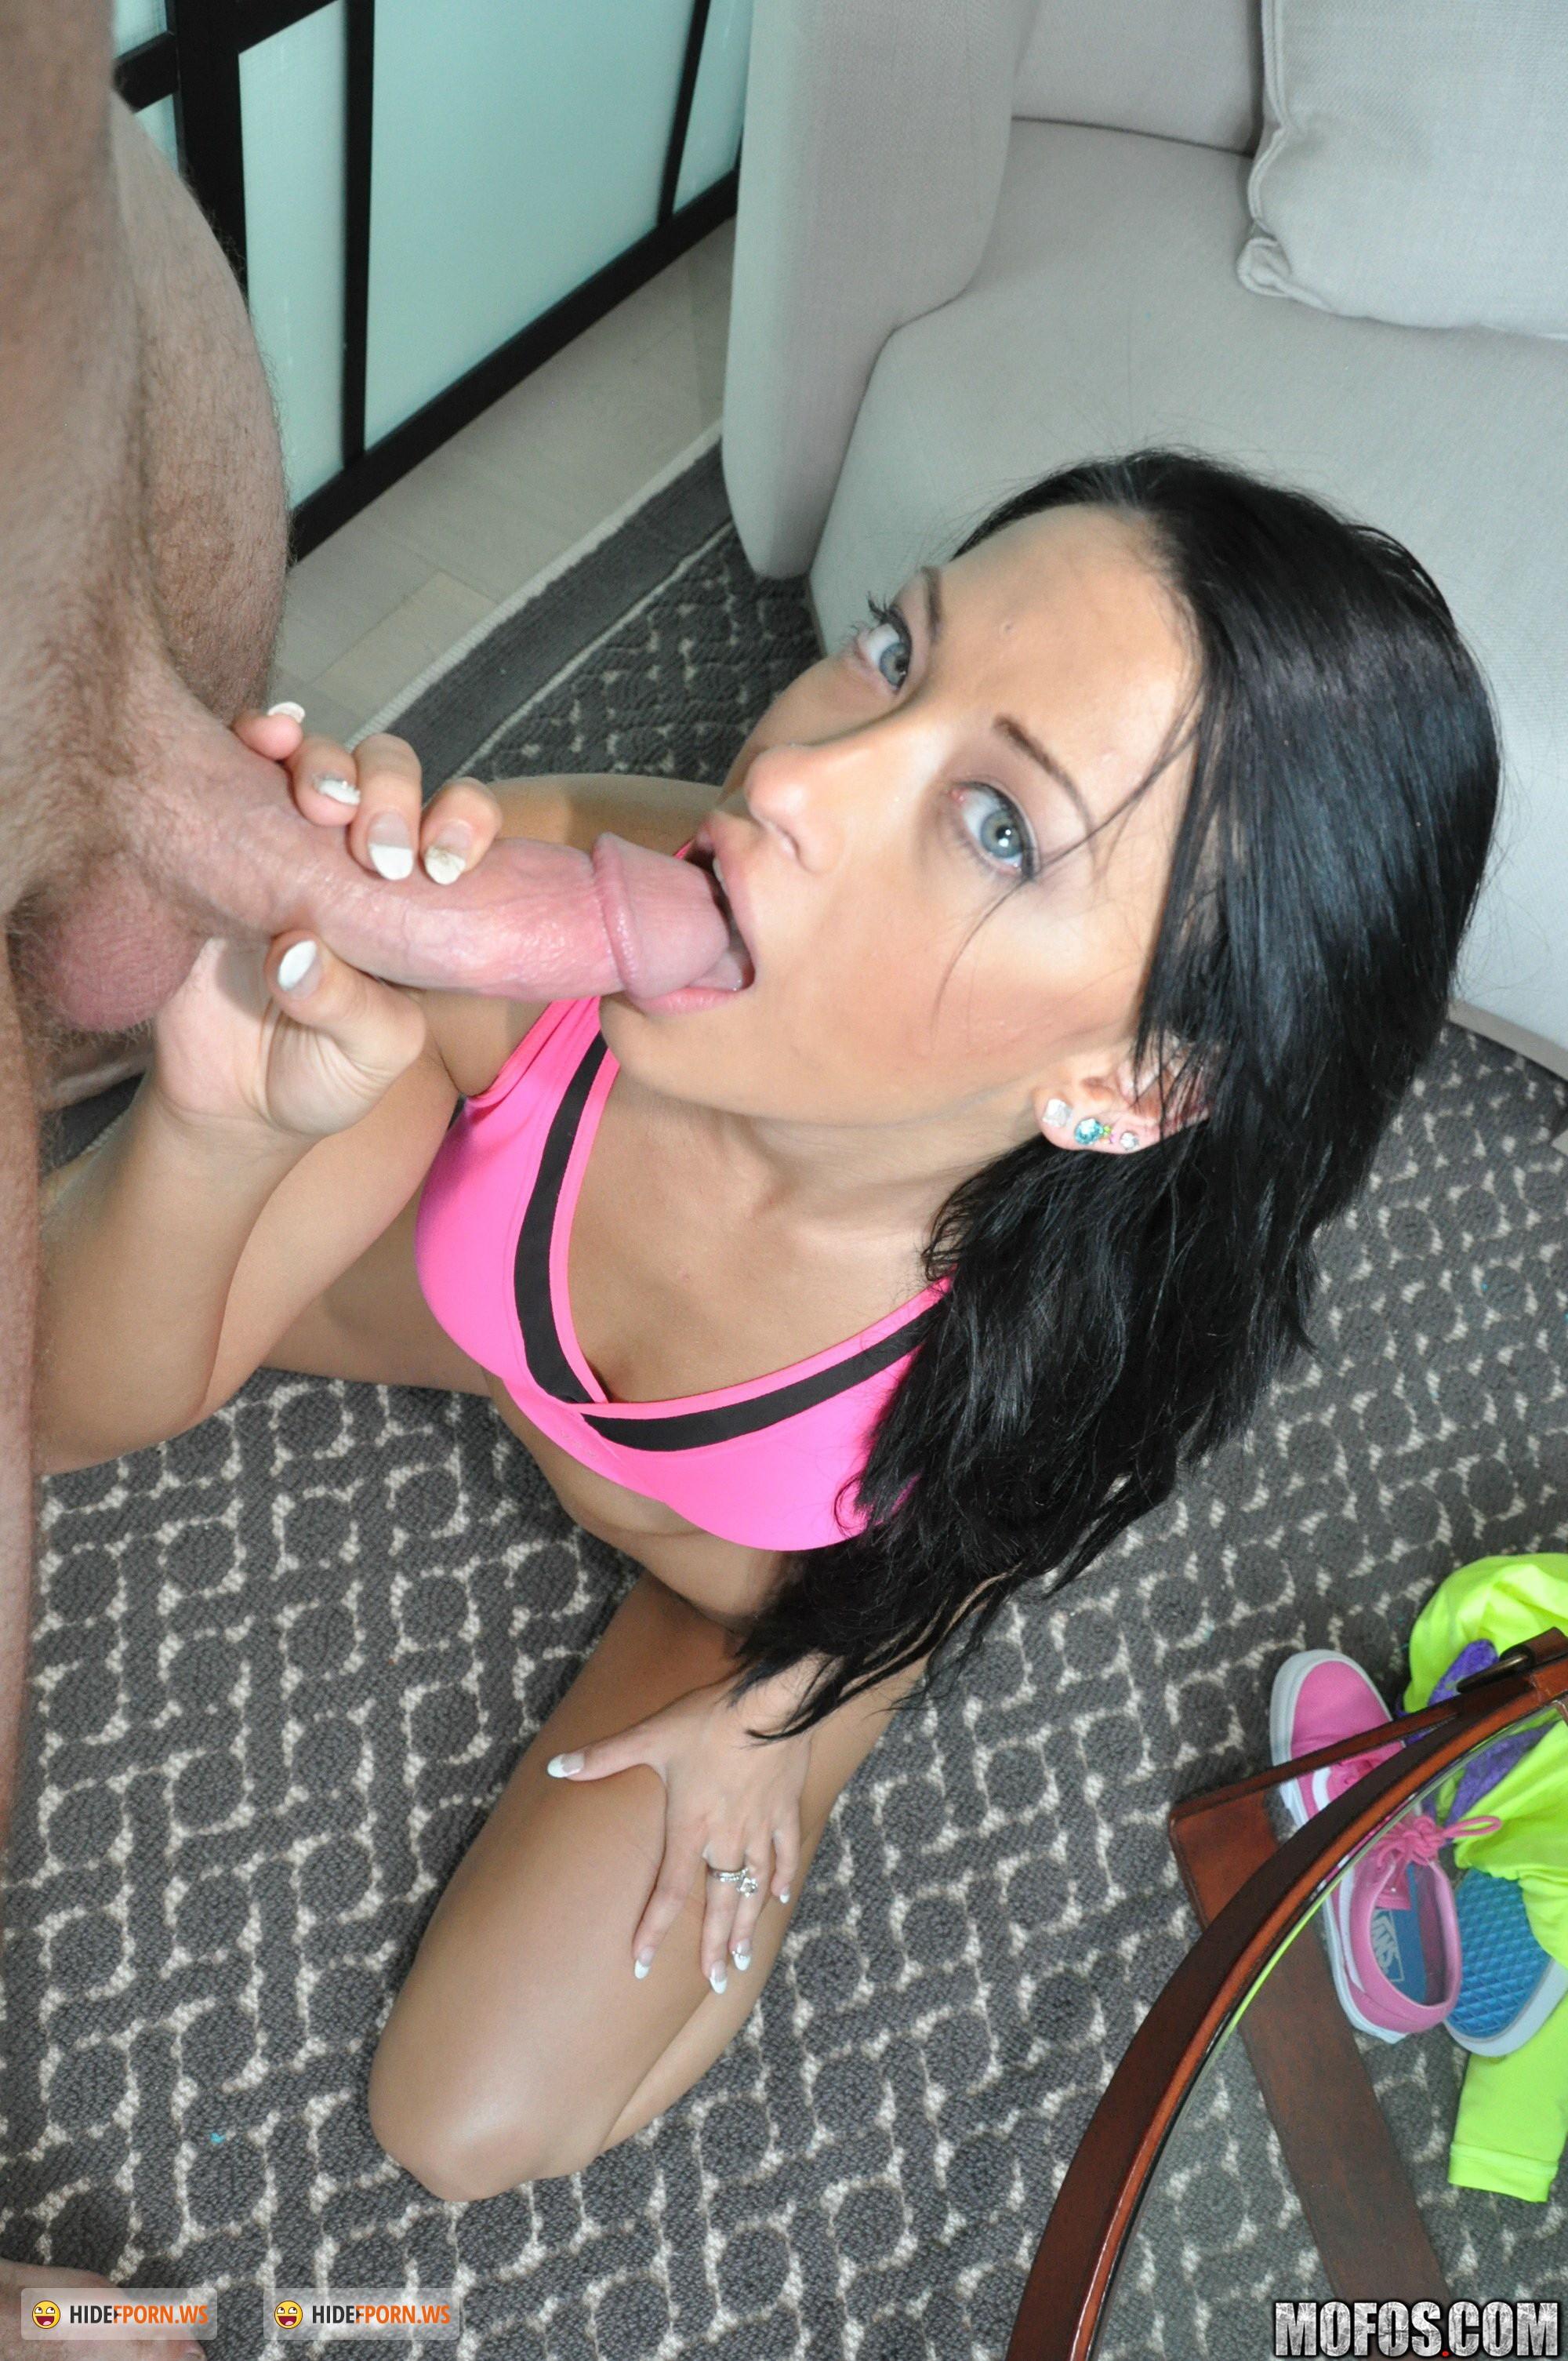 Iknowthatgirl Porn for > <b>iknowthatgirl</b>